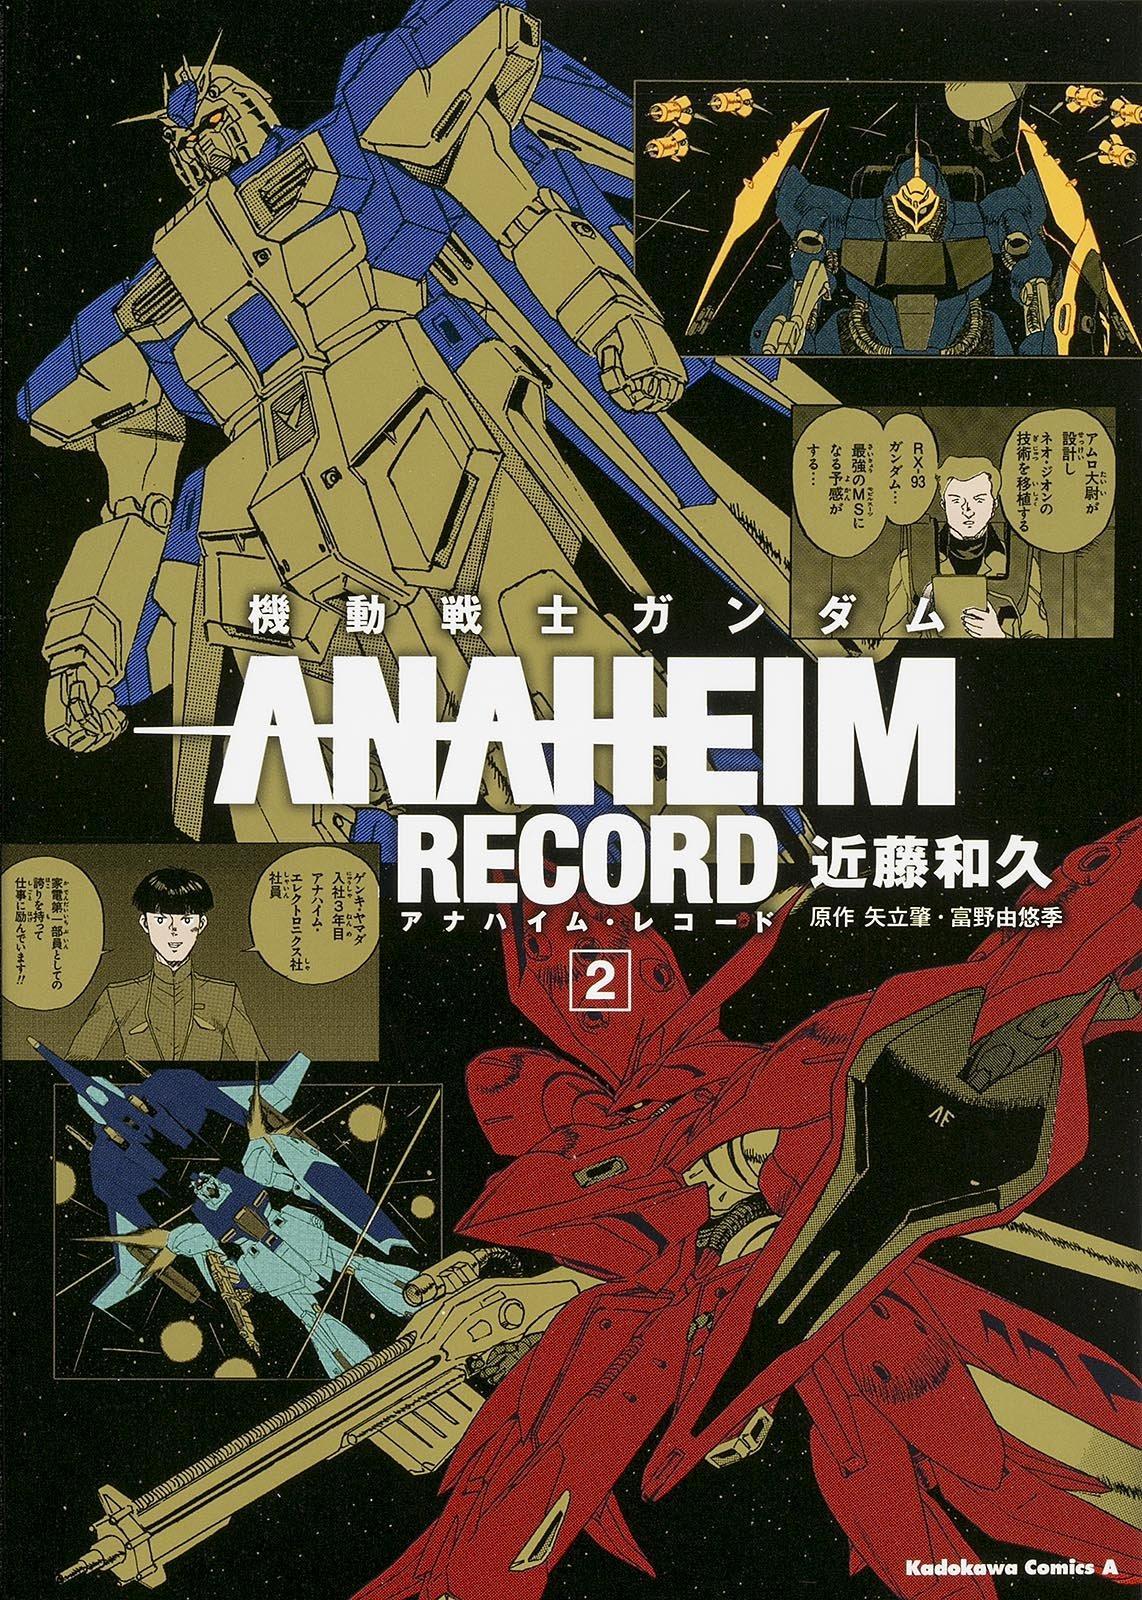 機動戦士ガンダム ANAHEIM RECORD (2)